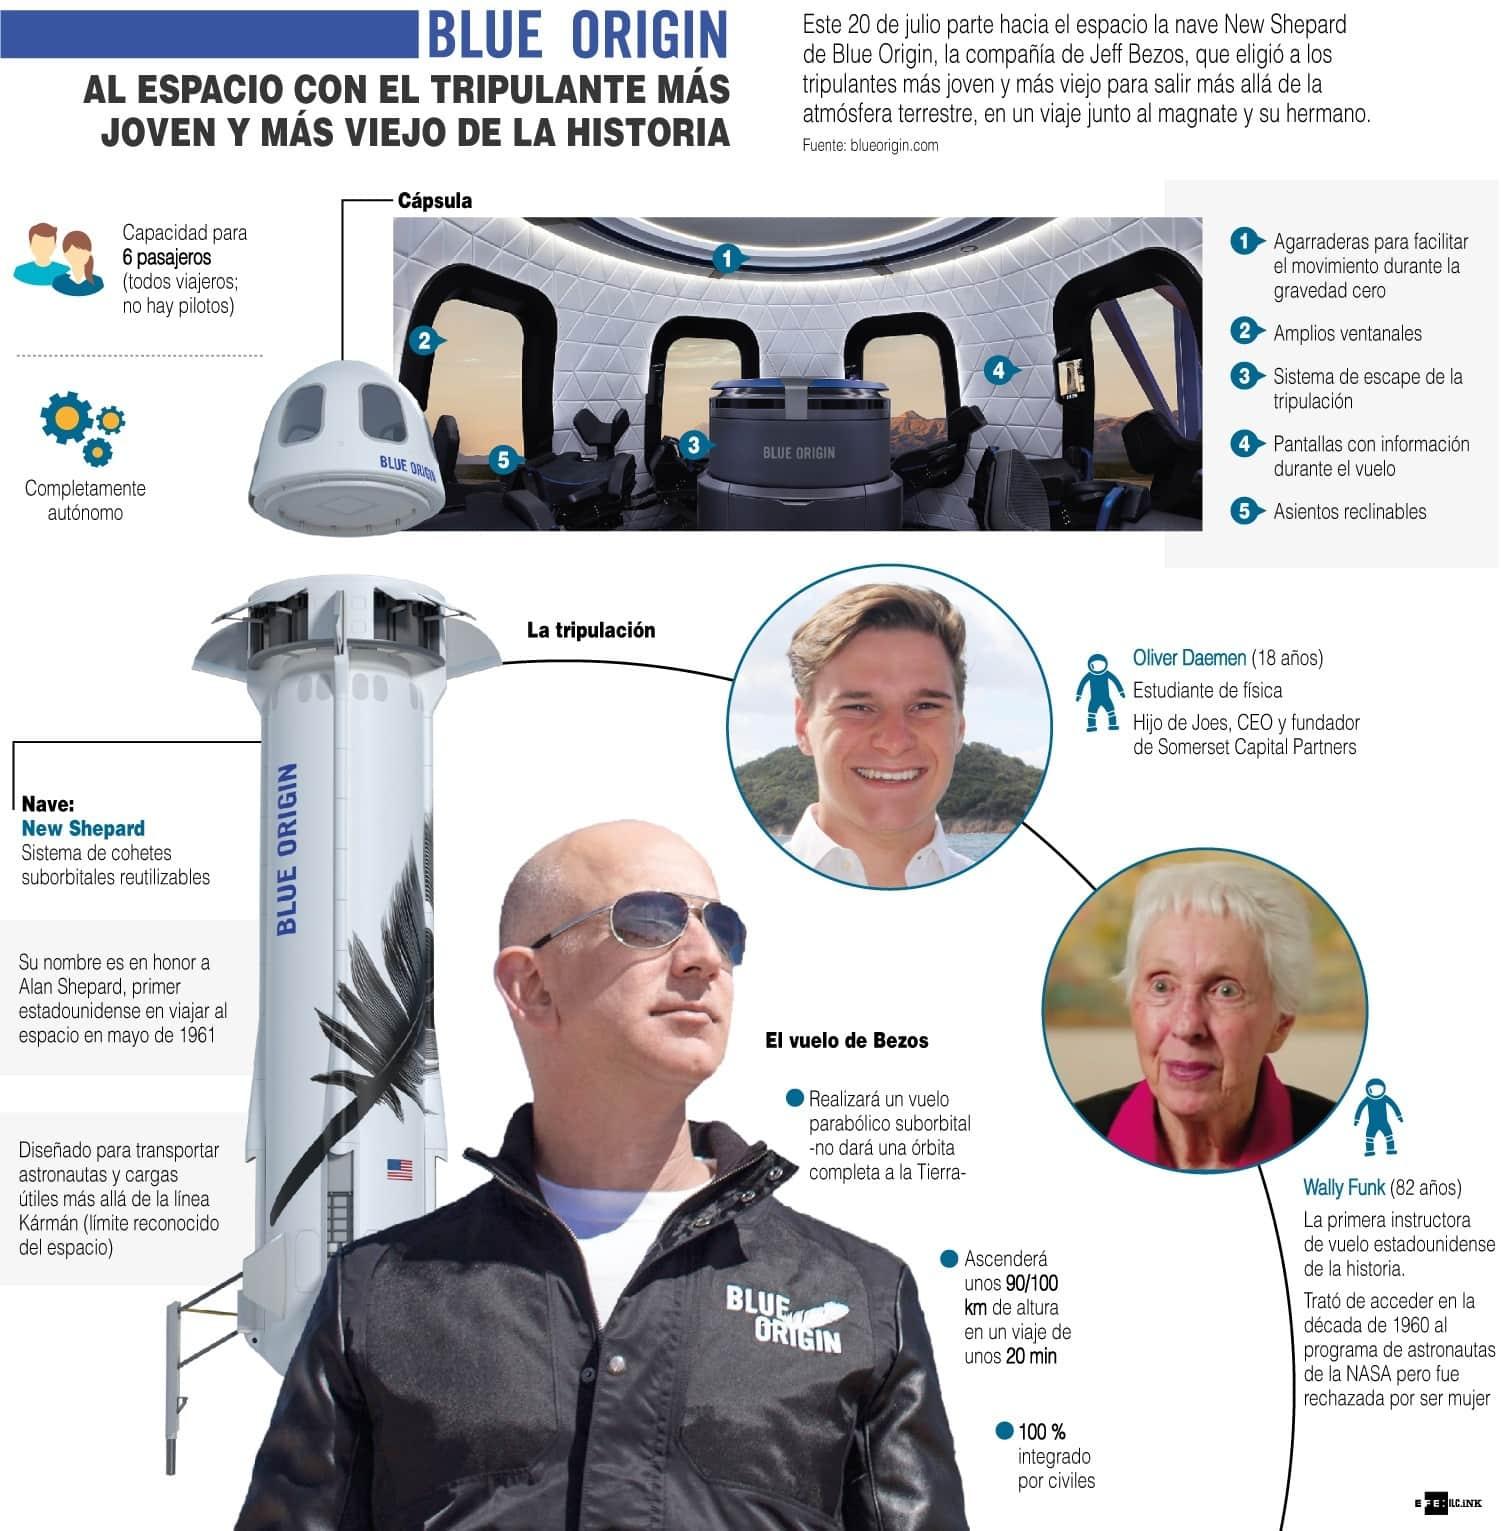 [Infografía] Blue Origin: la persona más joven y la más vieja en viajar al espacio 1